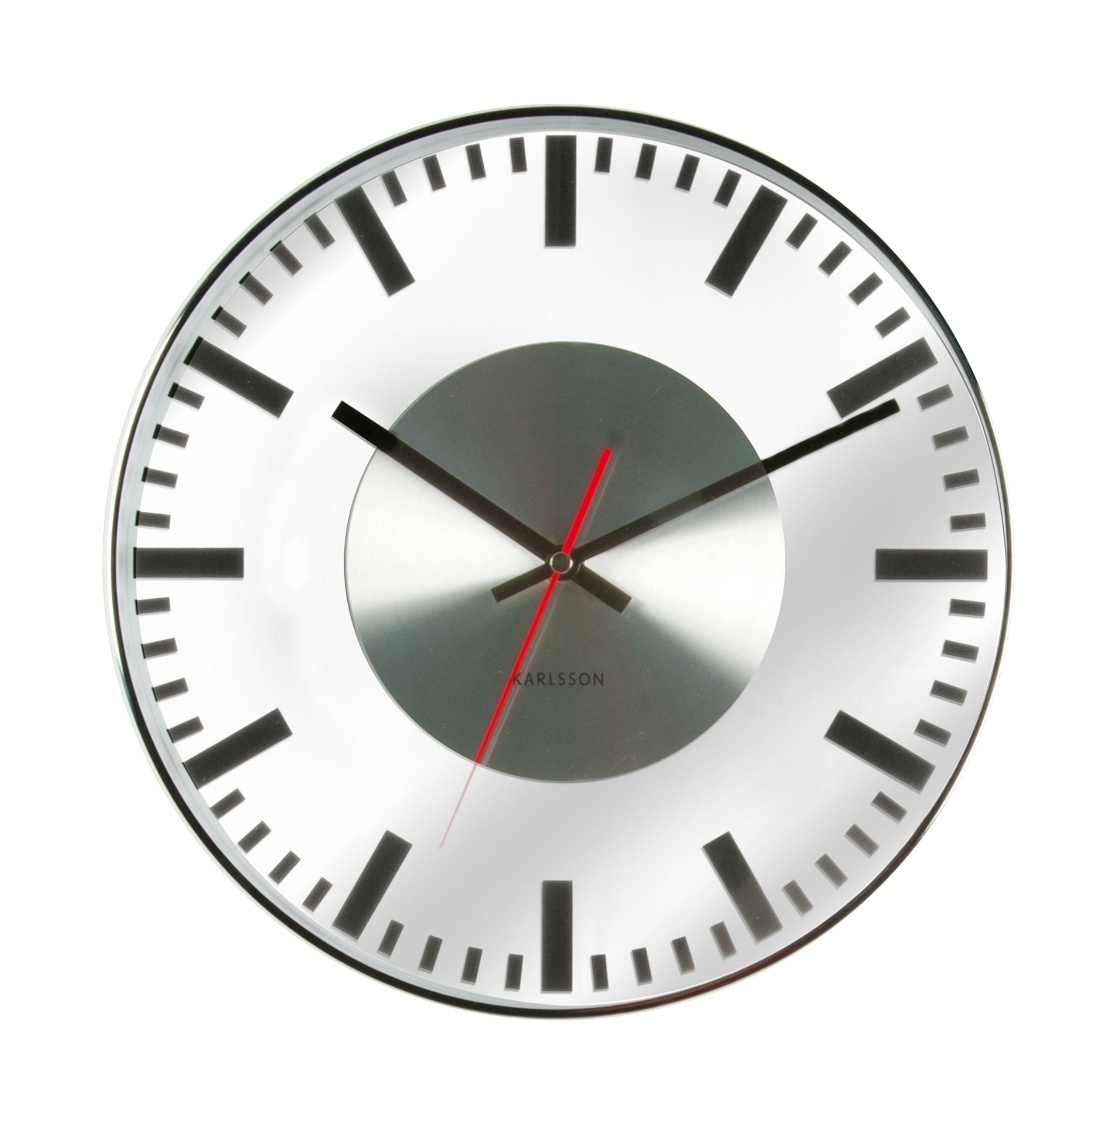 Nástěnné hodiny Glas Printed Station 30 cm nerez - Karlsson